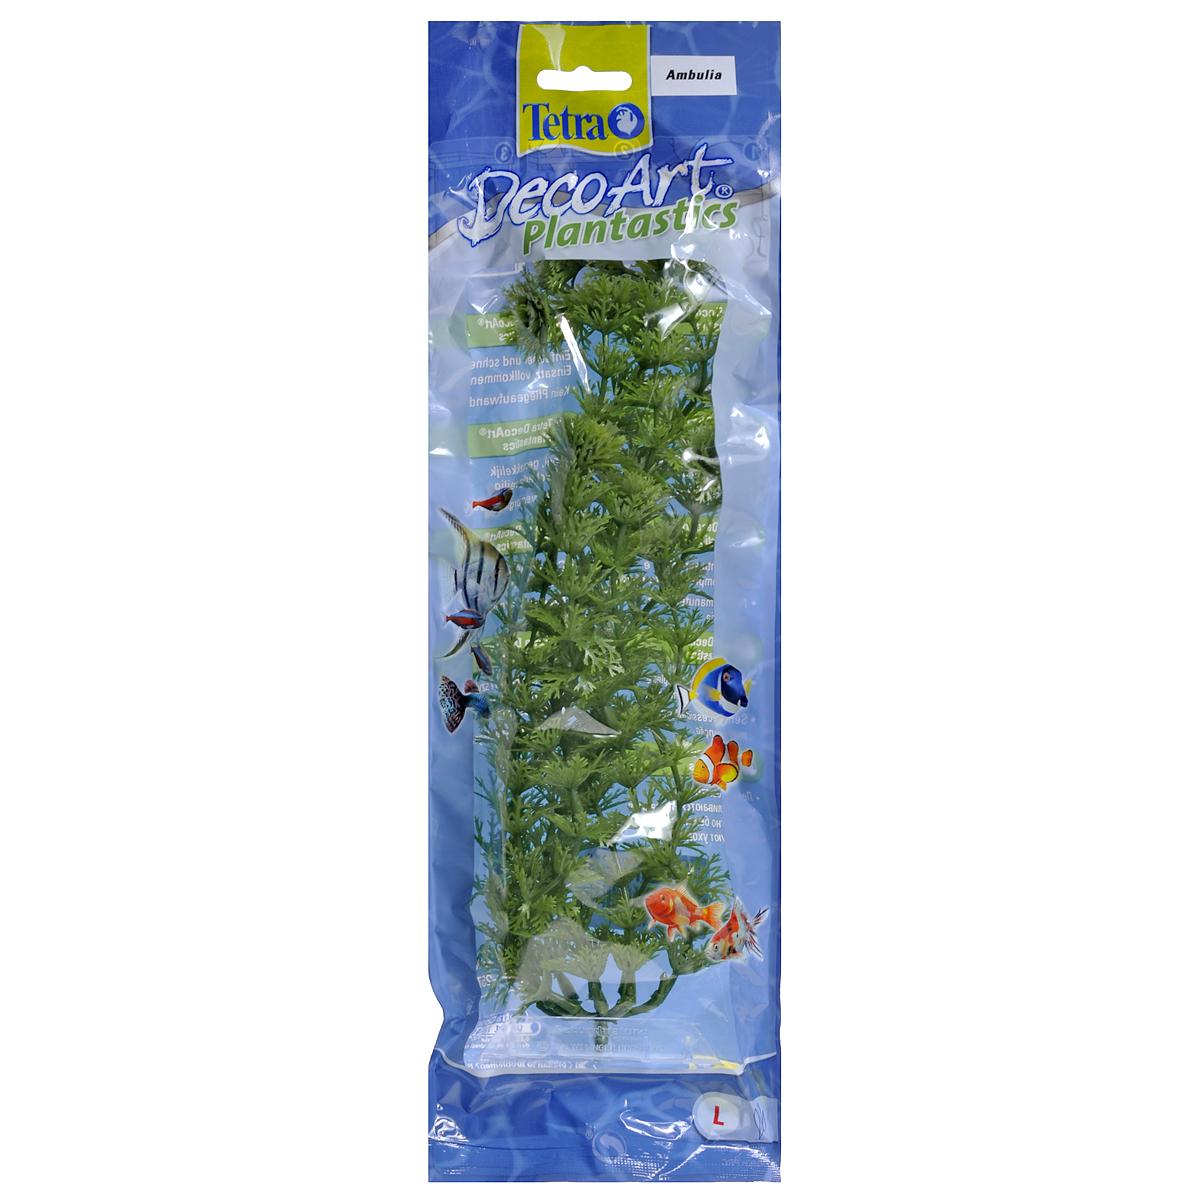 Искусственное растение для аквариума Tetra Амбулия L0120710Это растение хорошо подойдет для оформления аквариума.Естественно выглядящее искусственное растение;Для использования в любых аквариумах;Создает отличное место для укрытия (в т.ч. для метания икры);Легко и быстро устанавливается, является абсолютно безопасным;Не требует ухода;Долгое время не теряет форму и окраску. Высота растения: 30 см.